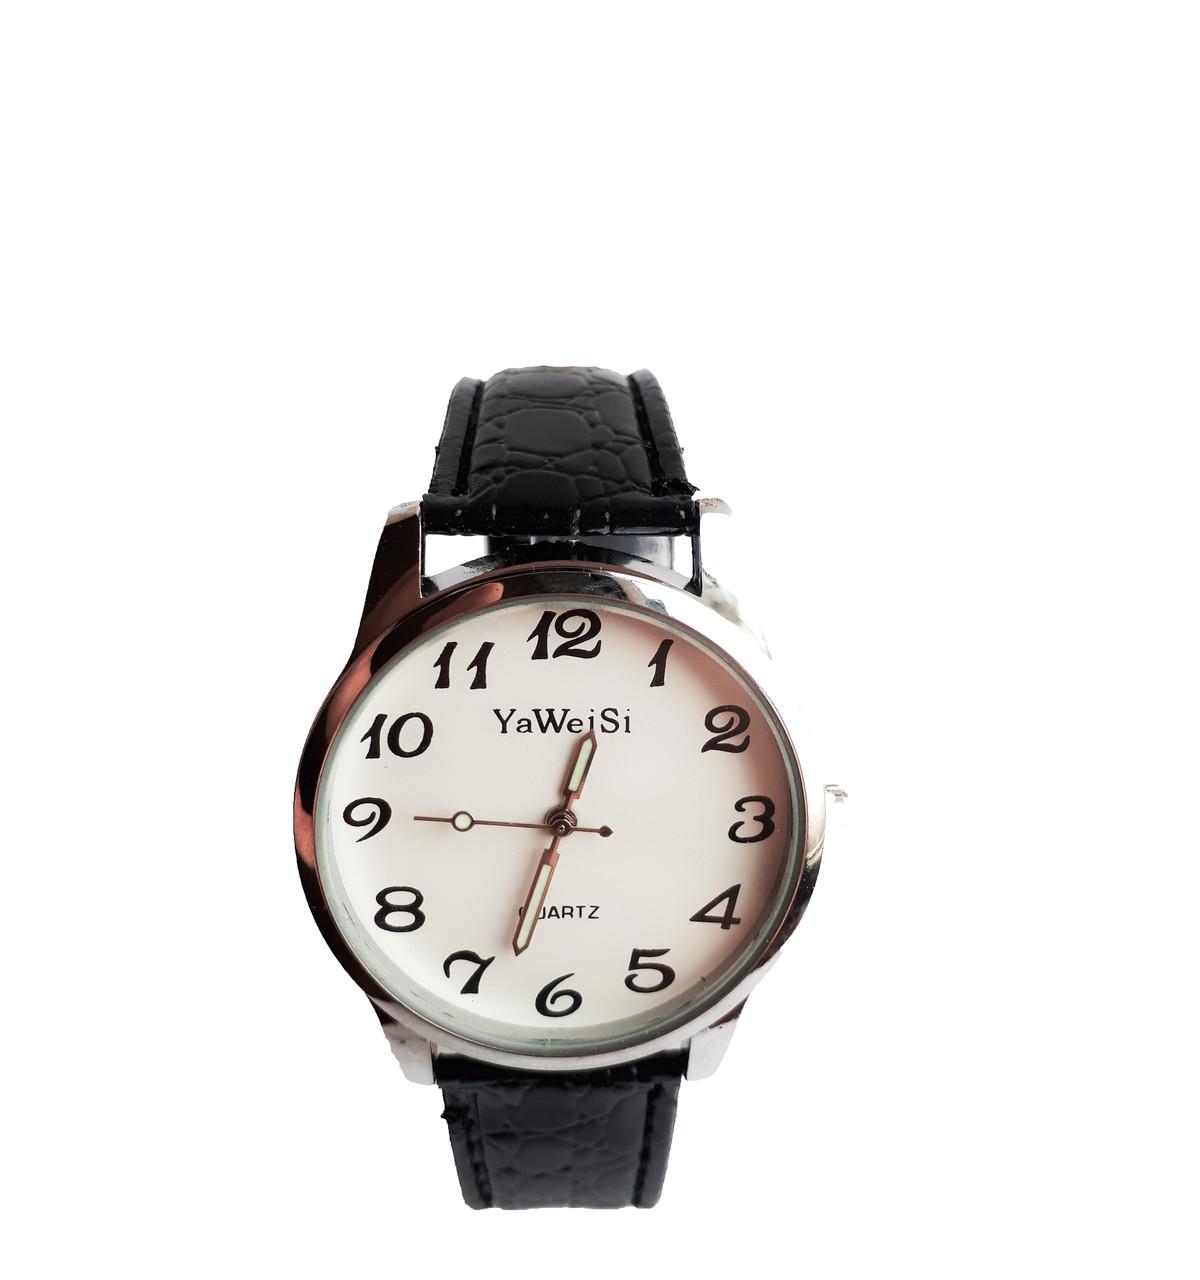 Часы YaWeiSi  металлик мужские кварцевые на черном ремешке опт